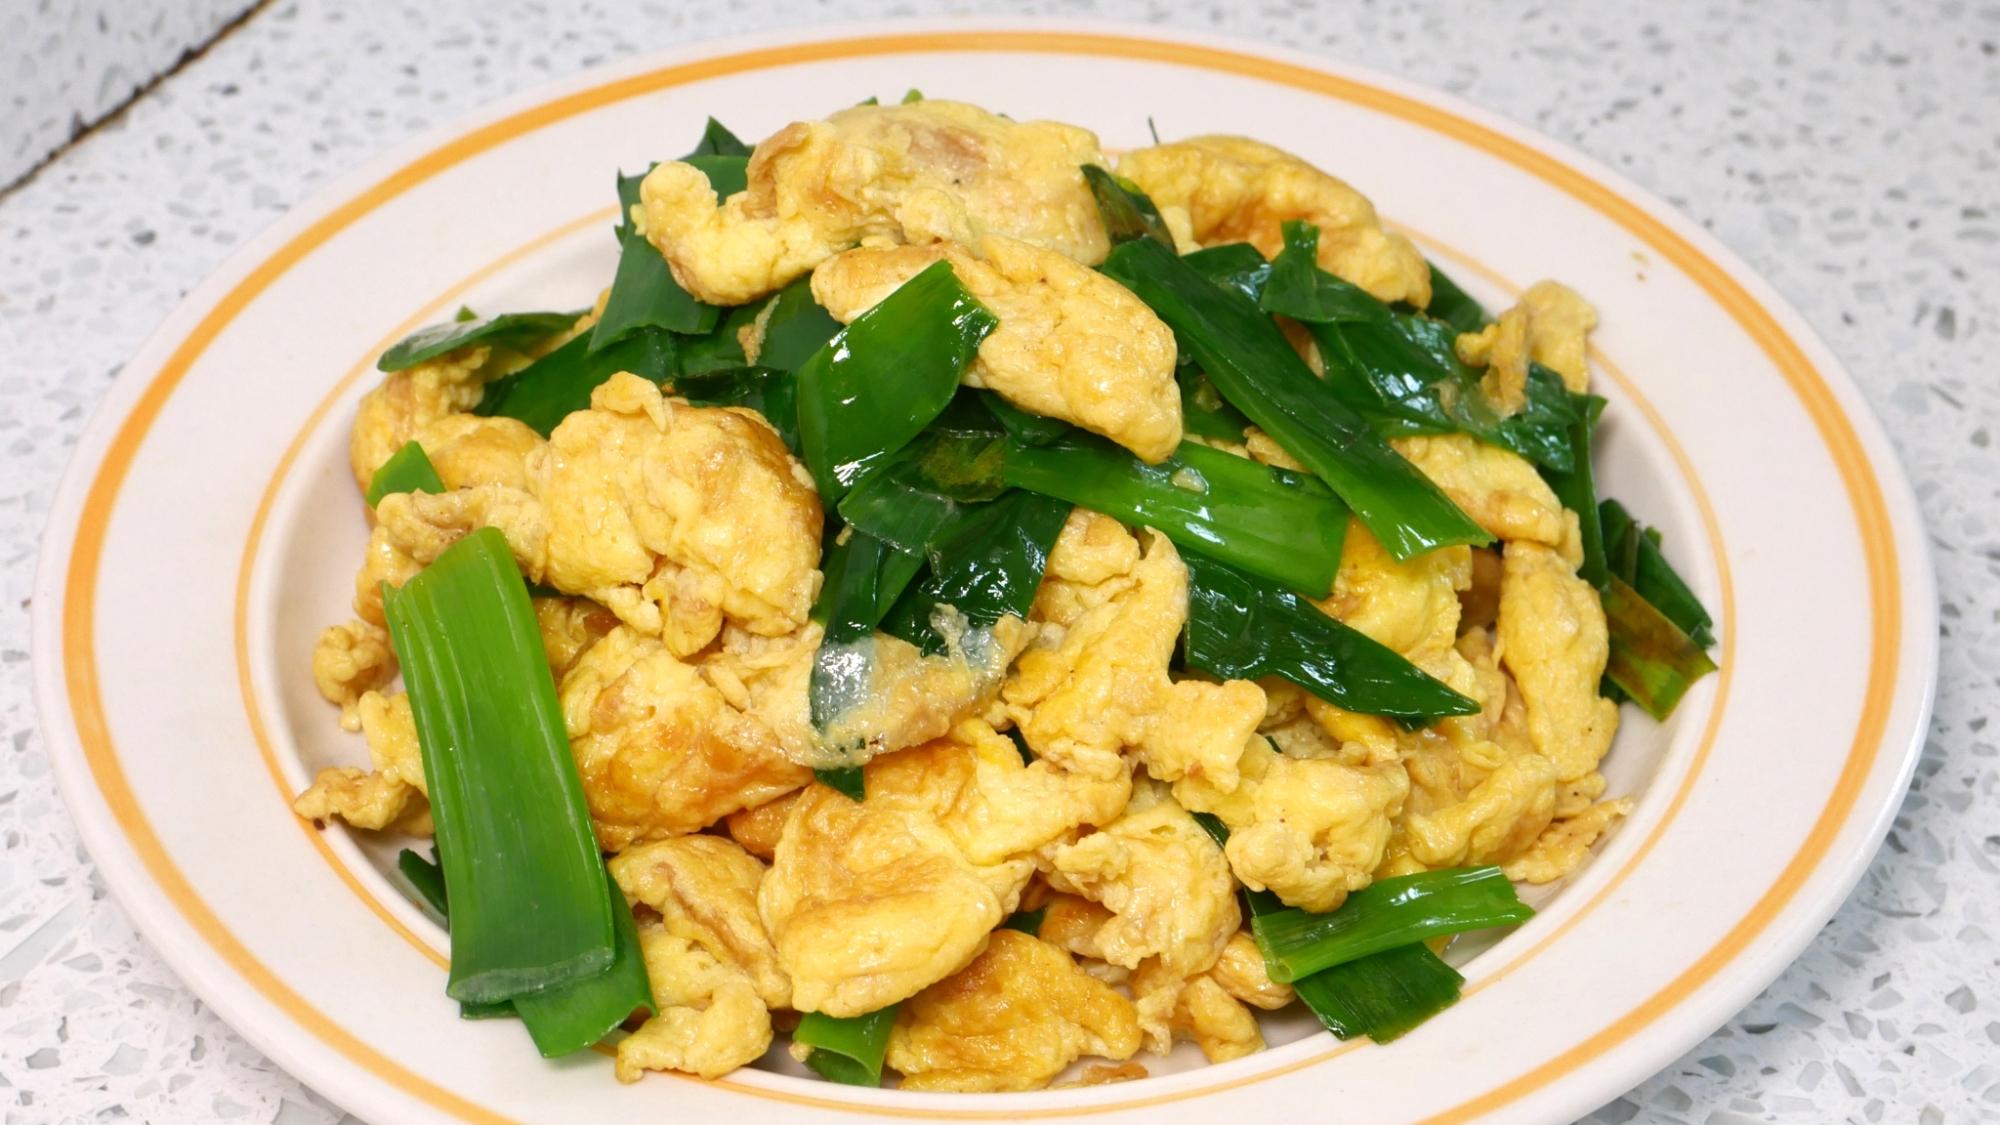 大葱炒鸡蛋这样做才更好吃,我家三天两头就吃,比大鱼大肉还香